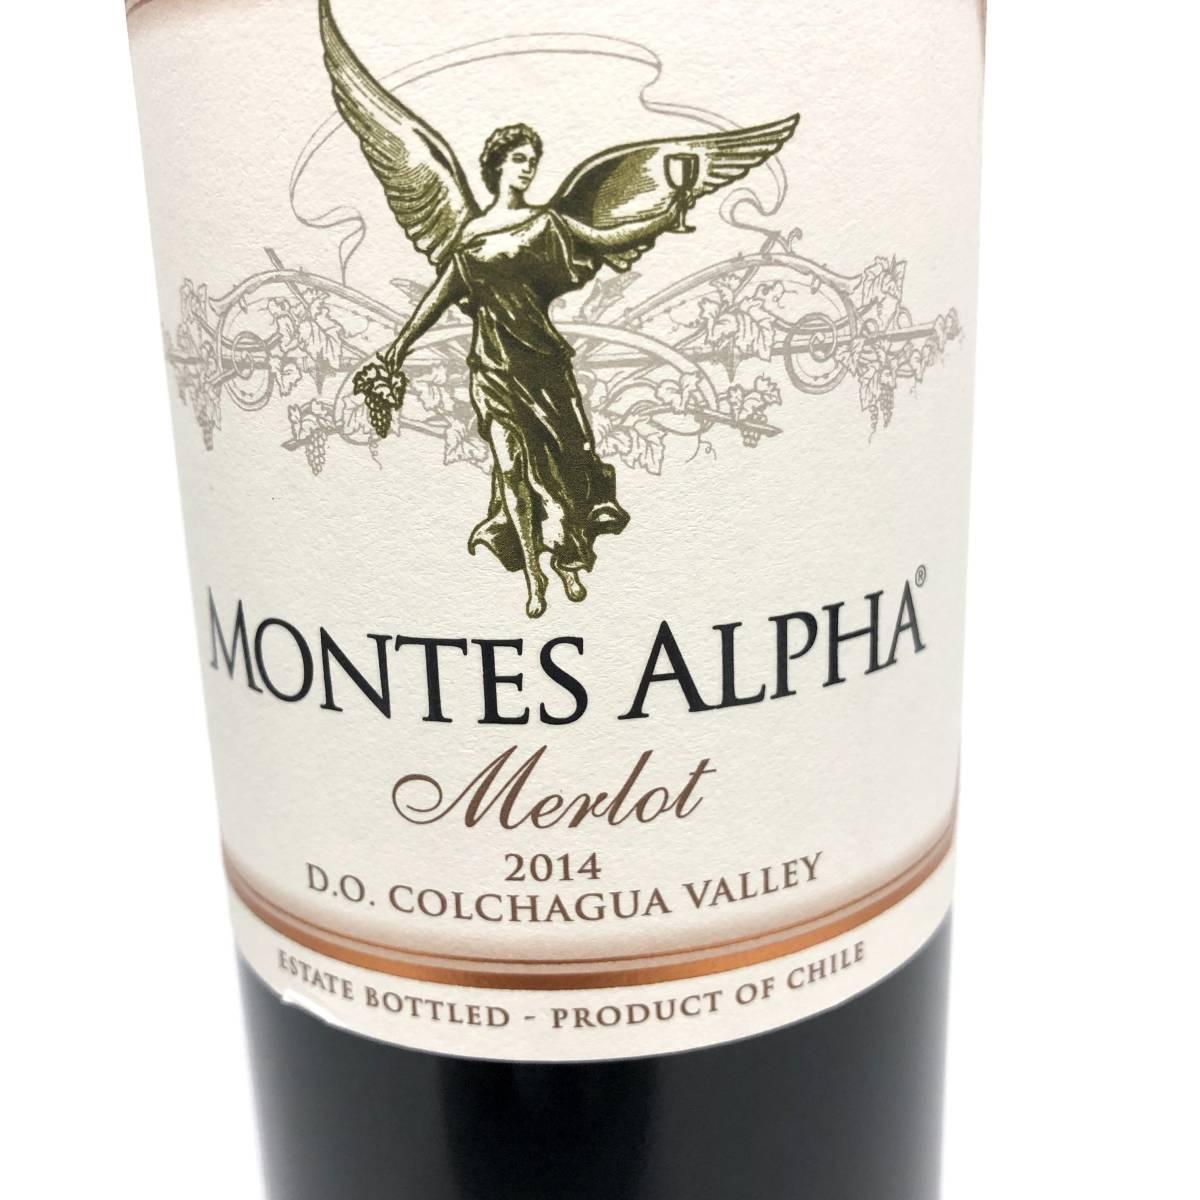 MONTES ALPHA Merlot モンテスアルファ メルロ 2014 14.5% 750ml チリワイン 赤ワイン カルメネール(Y0822_1)_画像2